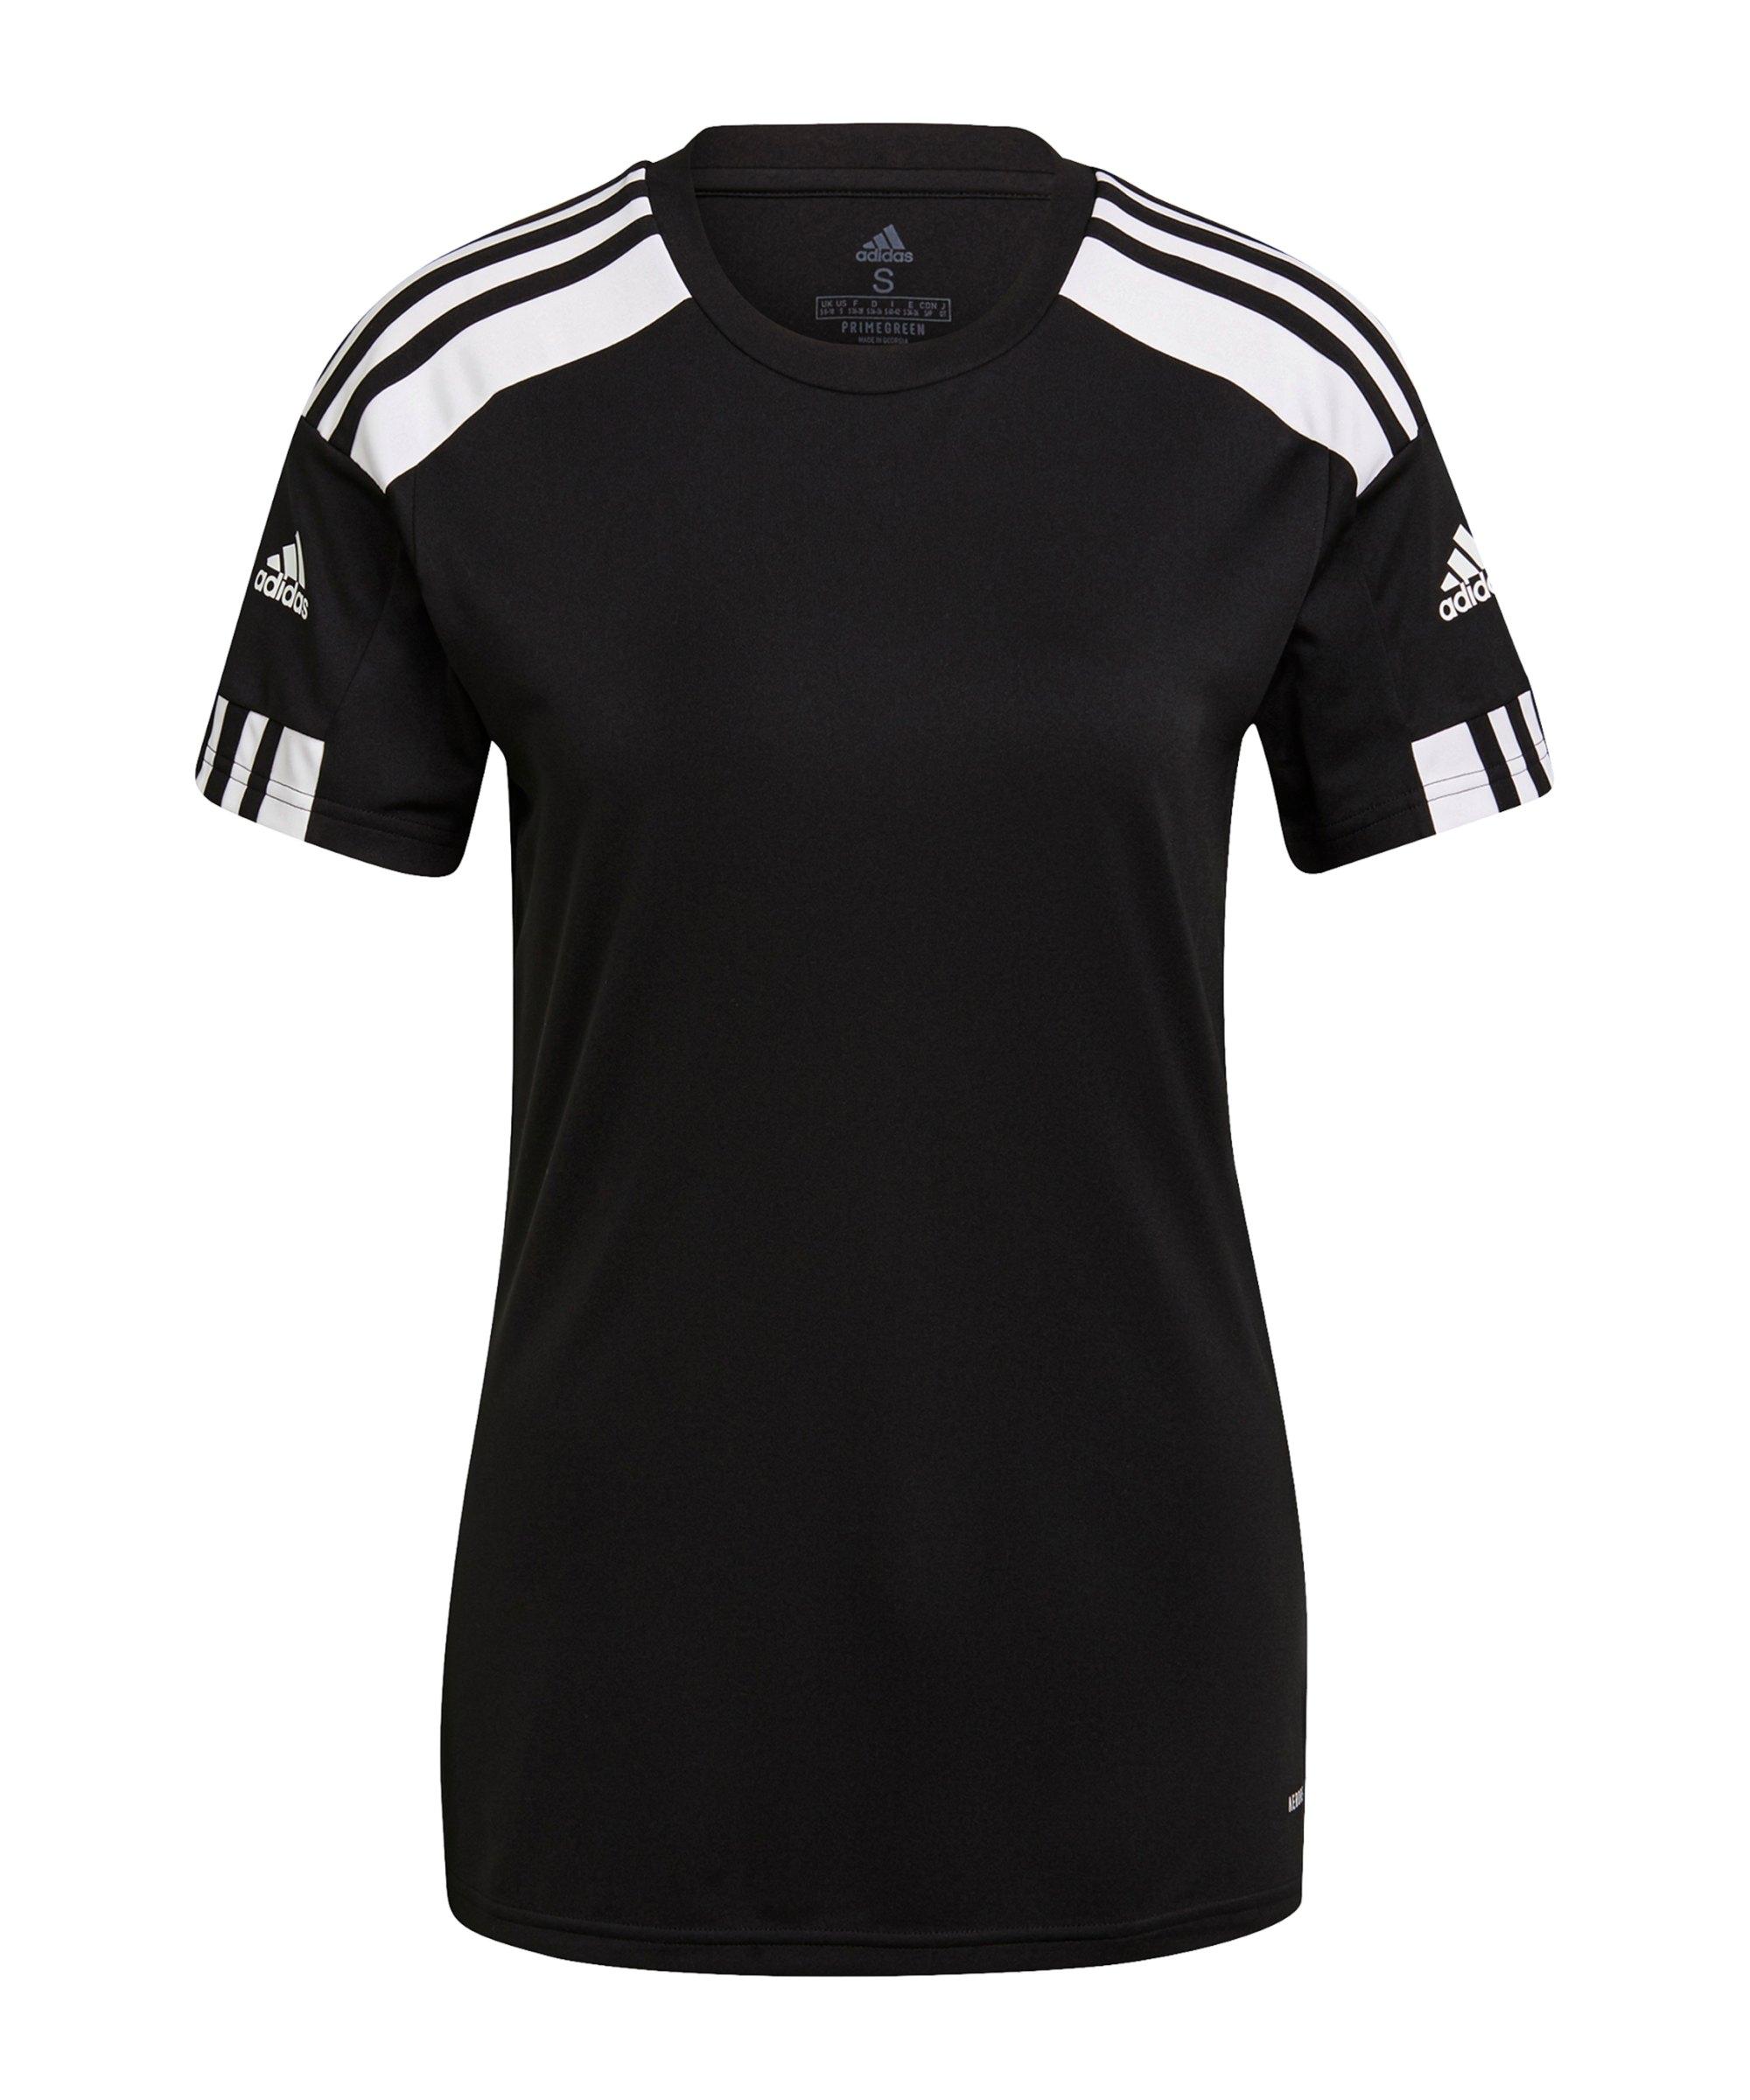 adidas Squadra 21 Trikot Damen Schwarz Weiss - schwarz